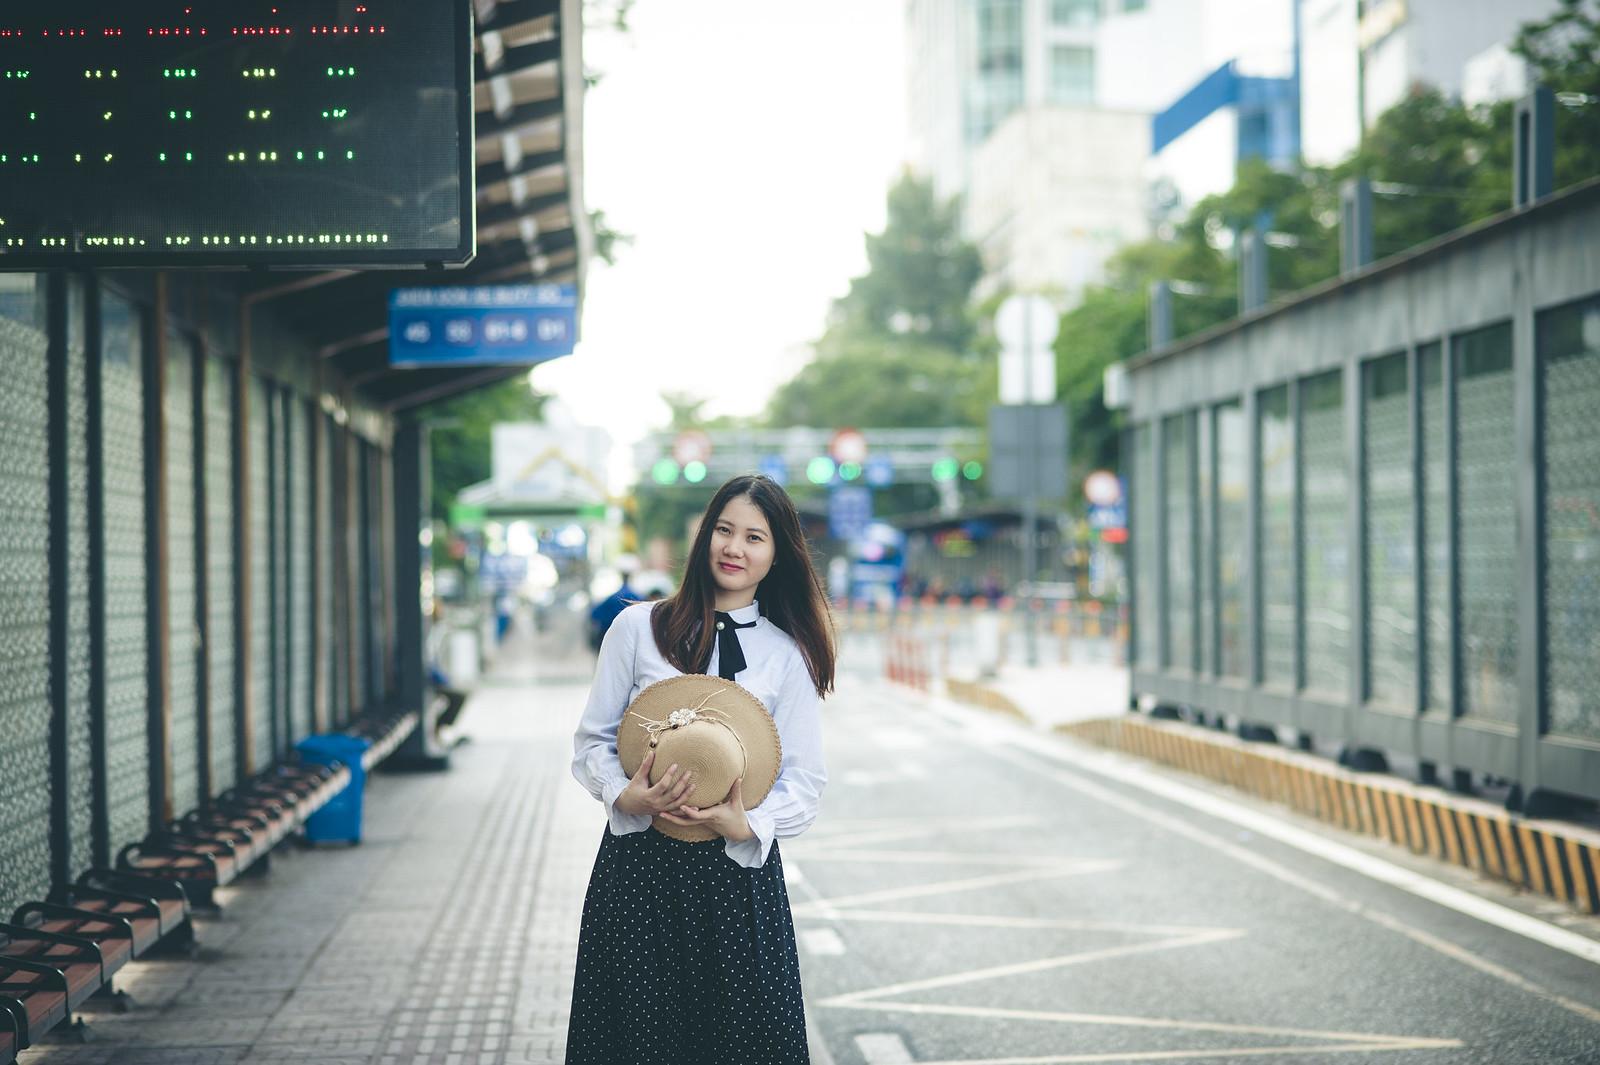 41314228210 3087b2a456 h - Trạm xe buýt quận 1, địa điểm check-in mới cho giới trẻ Sài Gòn